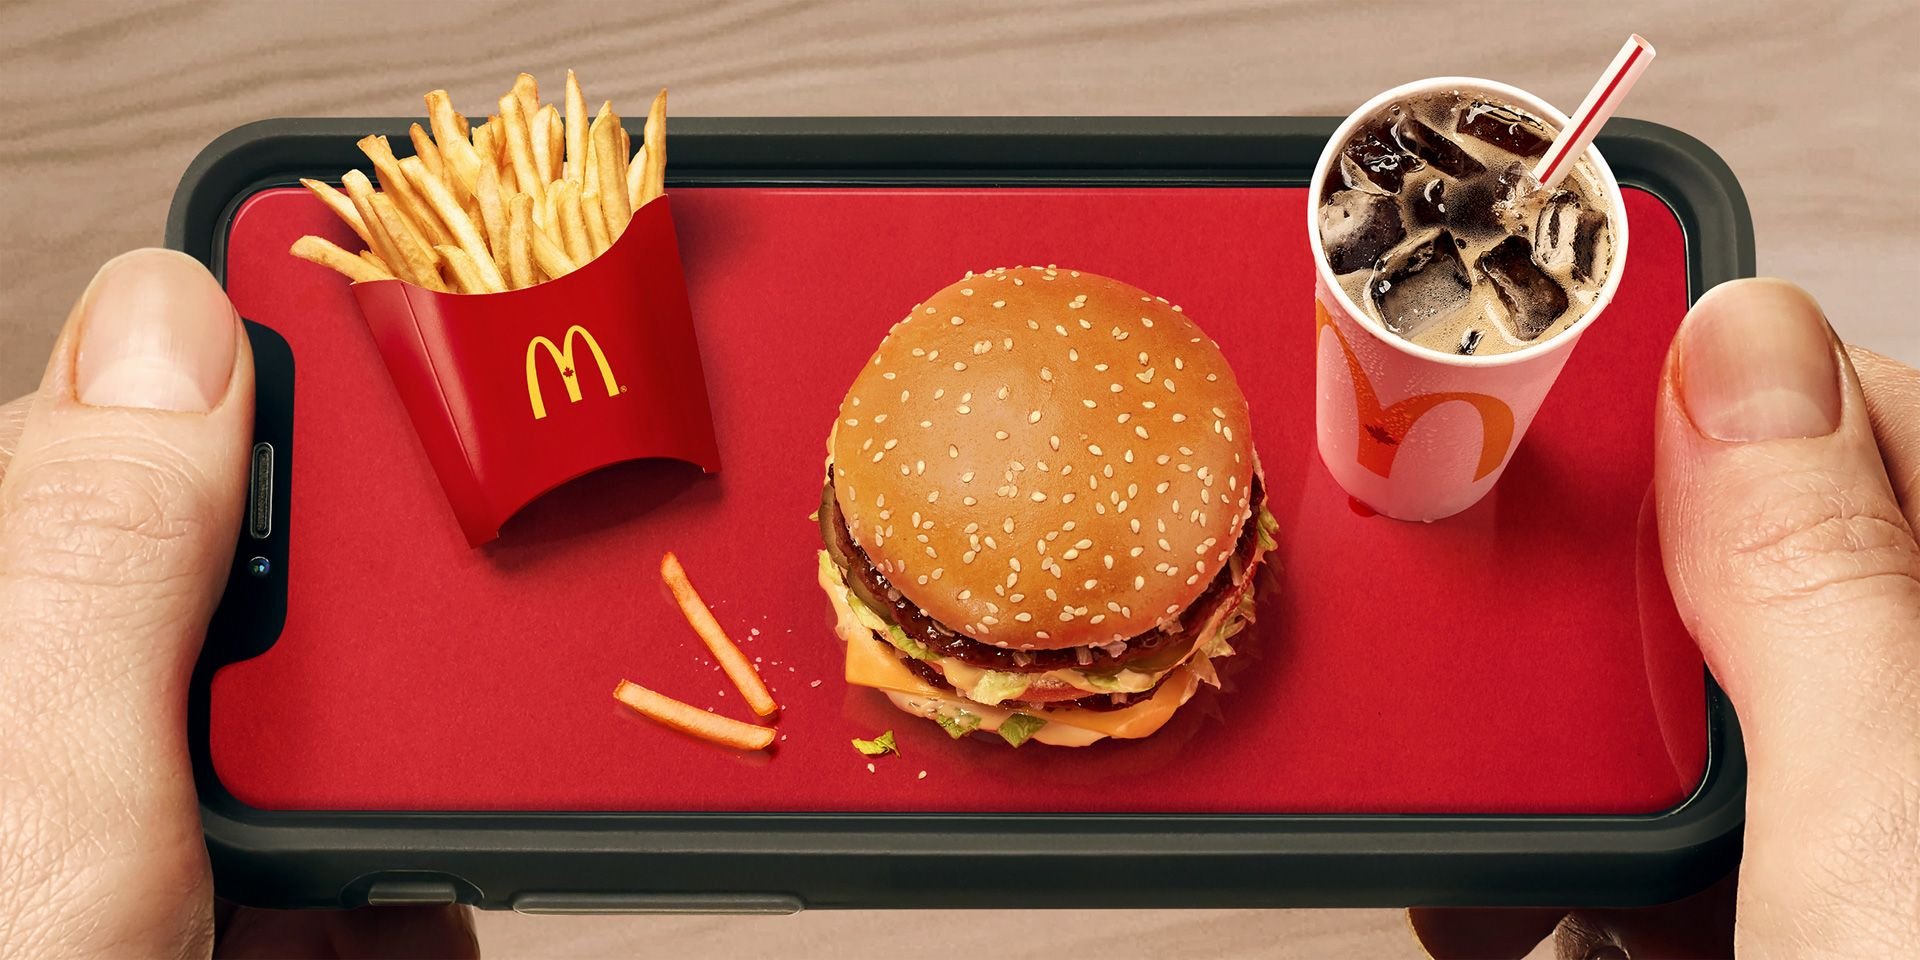 Gros plan de deux mains tenant un smartphone comme un plateau. L'écran du téléphone portable est rouge et sur celui-ci figure un trio McDonald miniature.